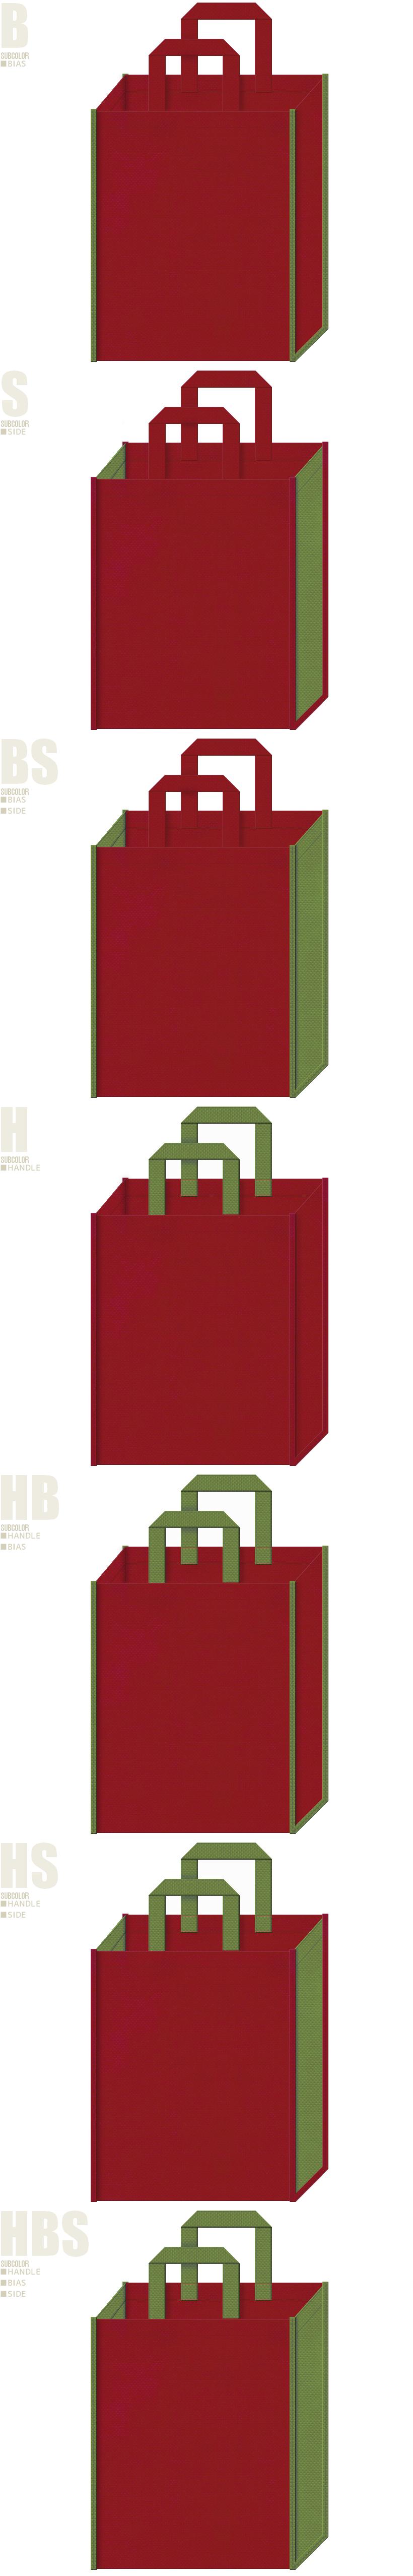 エンジ色と草色、7パターンの不織布トートバッグ配色デザイン例。着物・抹茶ぜんざい風。